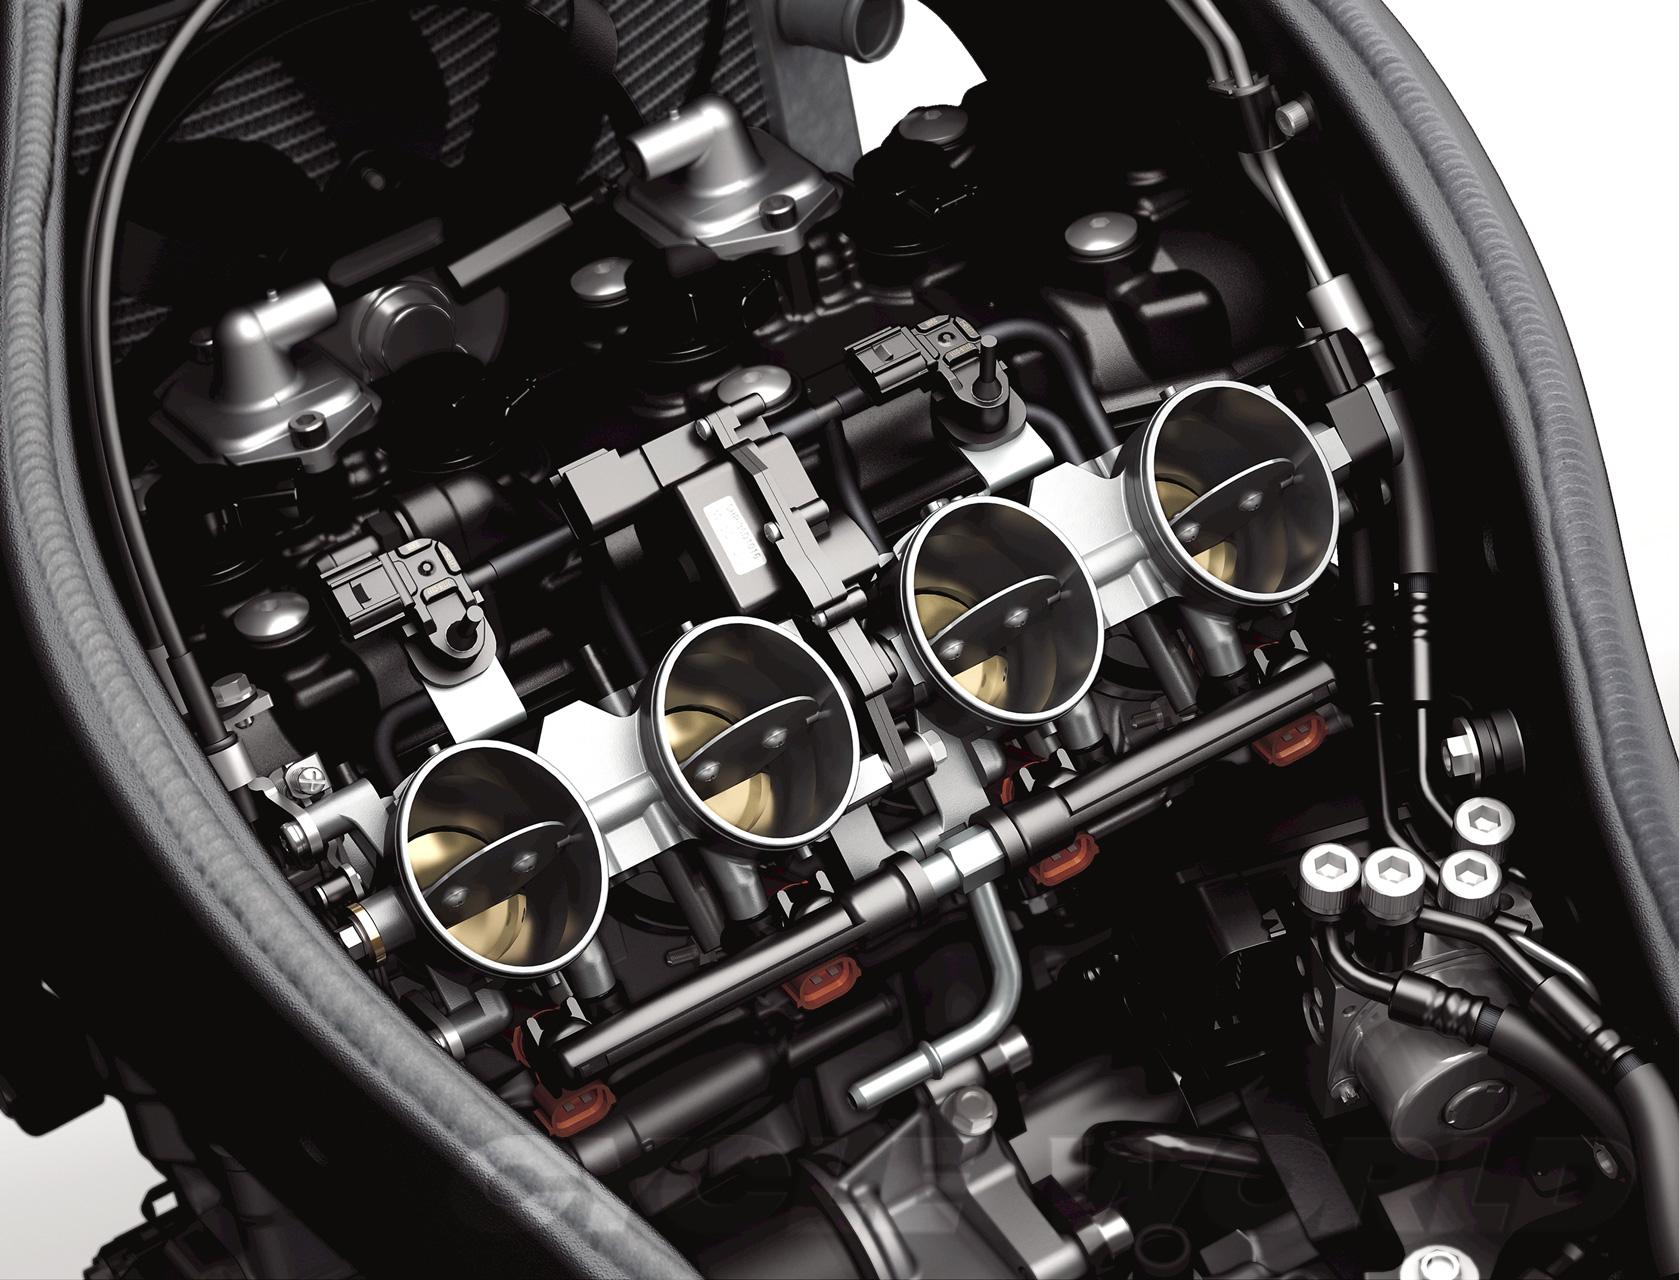 KAWASAKI NINJA ZX engine